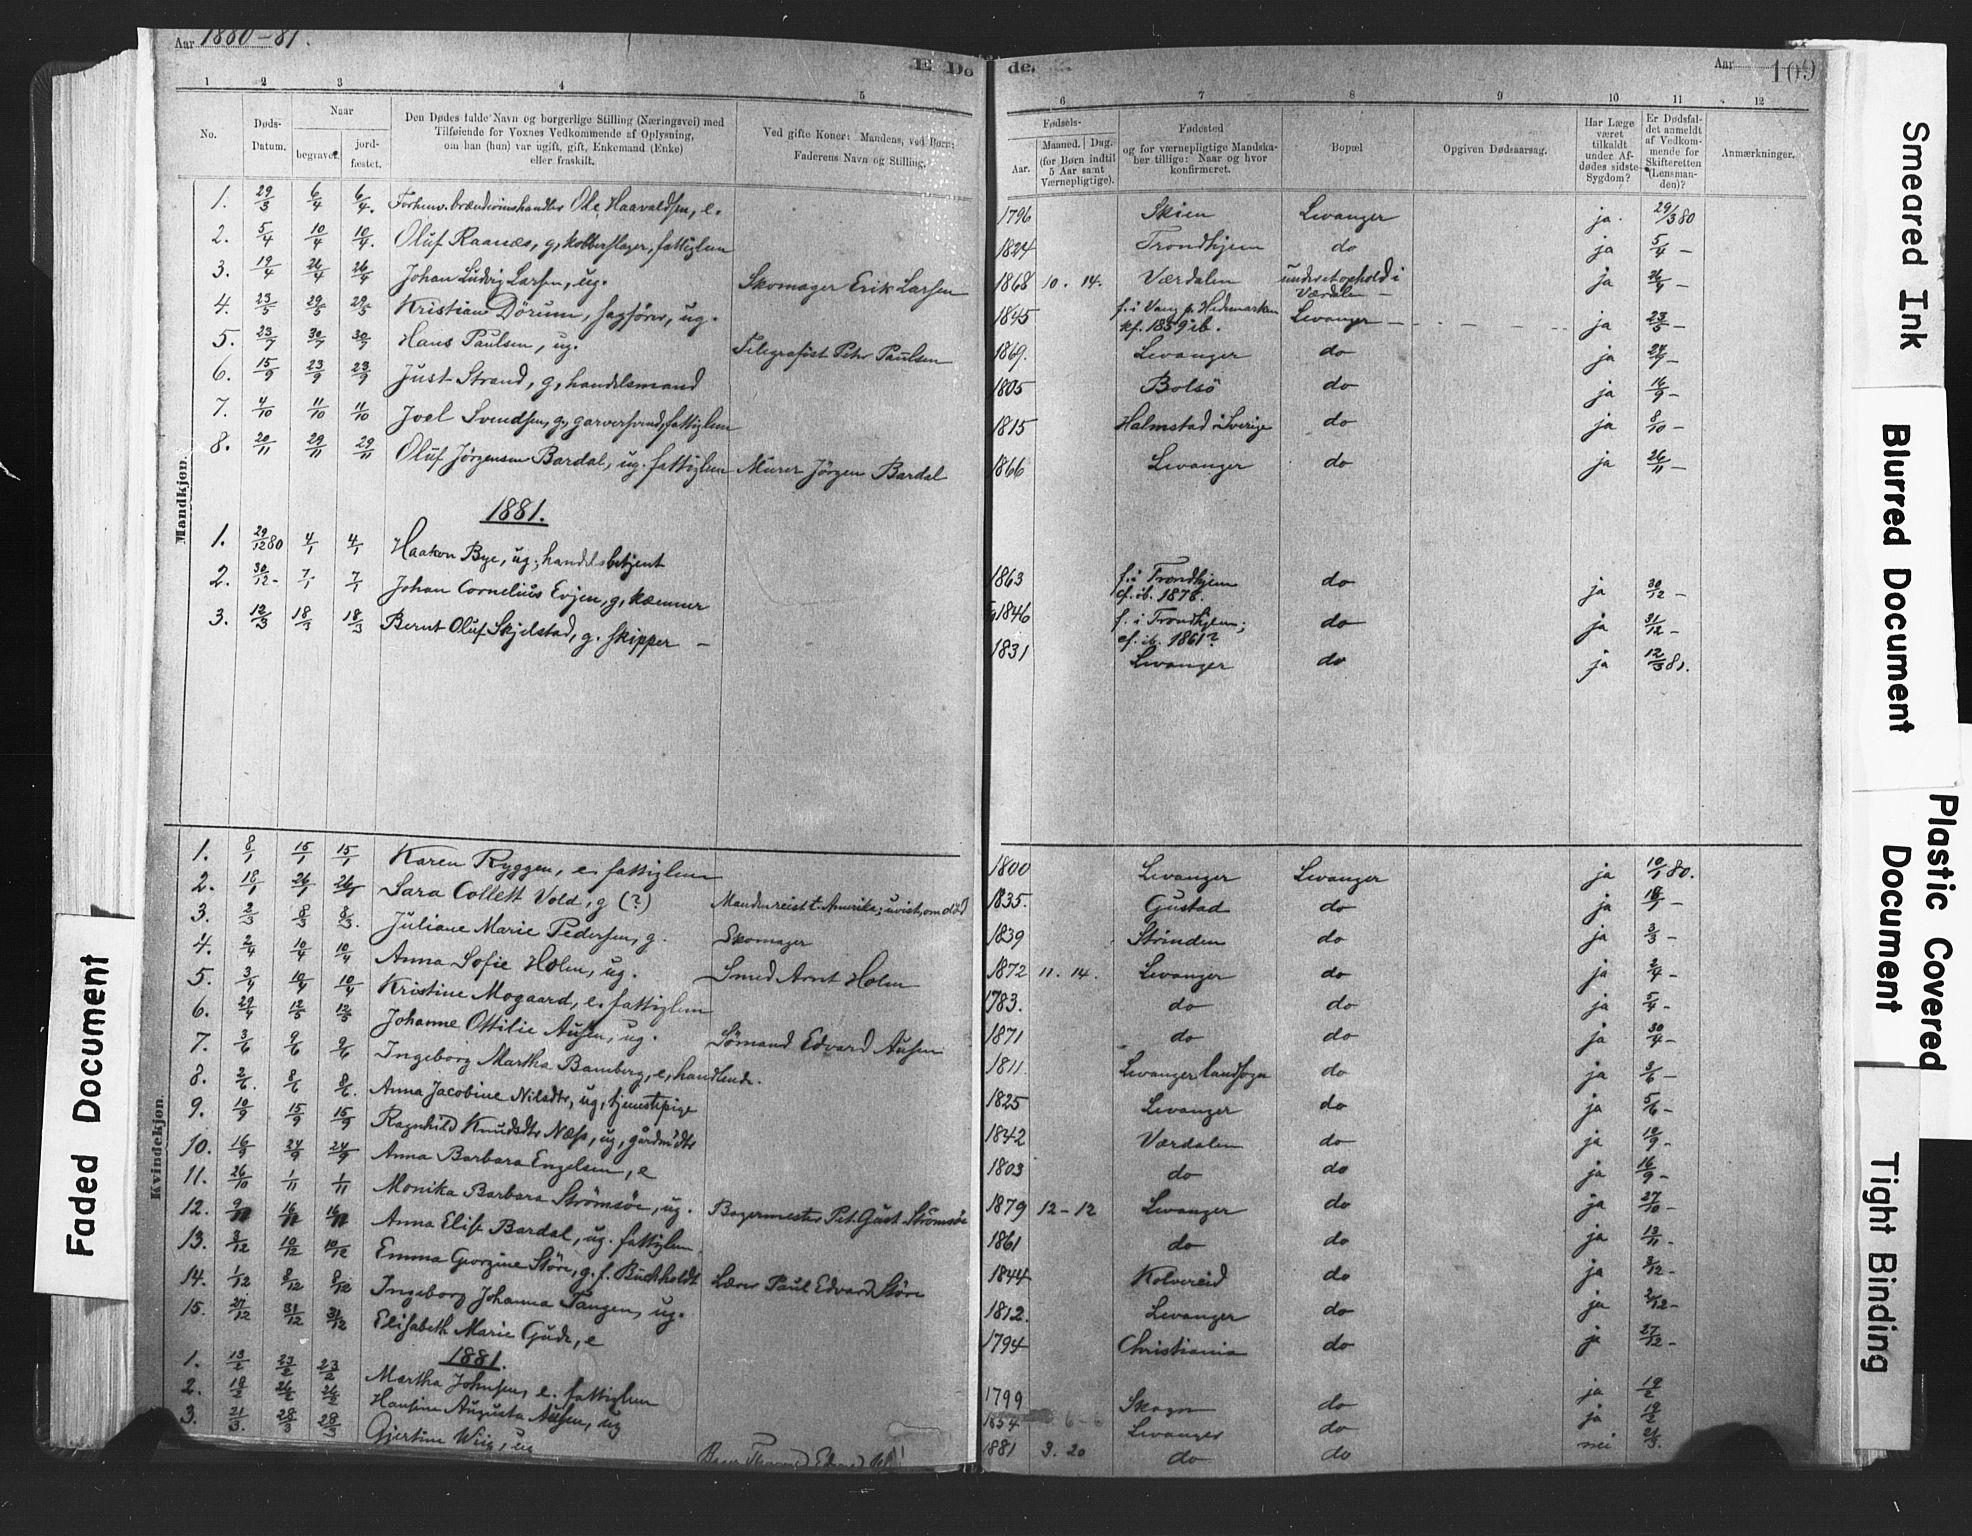 SAT, Ministerialprotokoller, klokkerbøker og fødselsregistre - Nord-Trøndelag, 720/L0189: Ministerialbok nr. 720A05, 1880-1911, s. 109